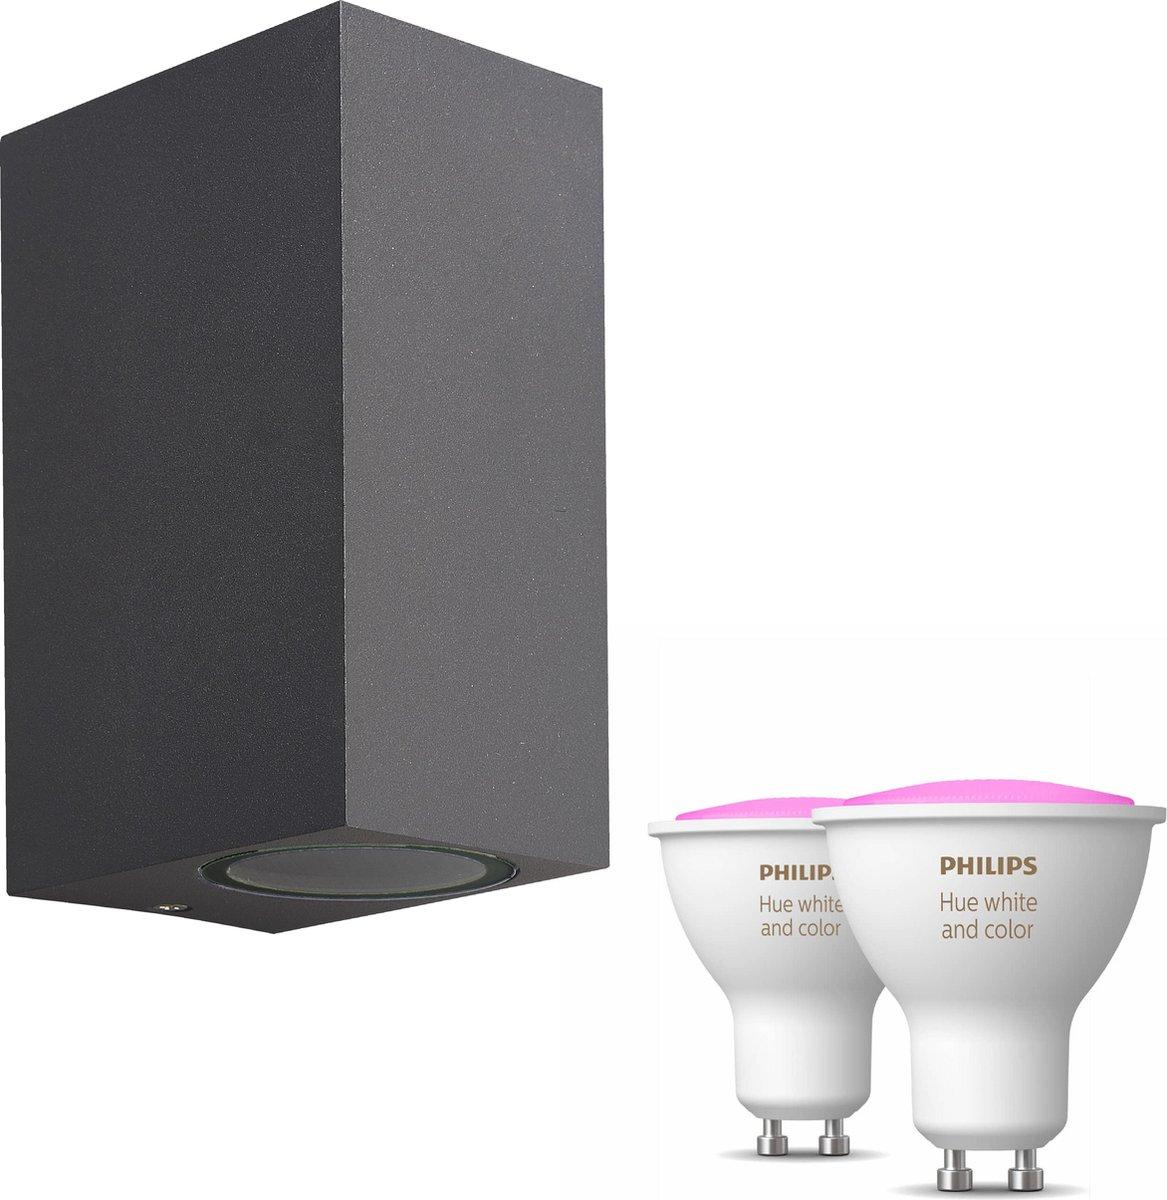 Mantra Kandachu wandlamp rechthoekig - antraciet - 2 lichtpunten - Incl. Philips Hue White & Color Ambiance Gu10 (geschikt voor buitengebruik)